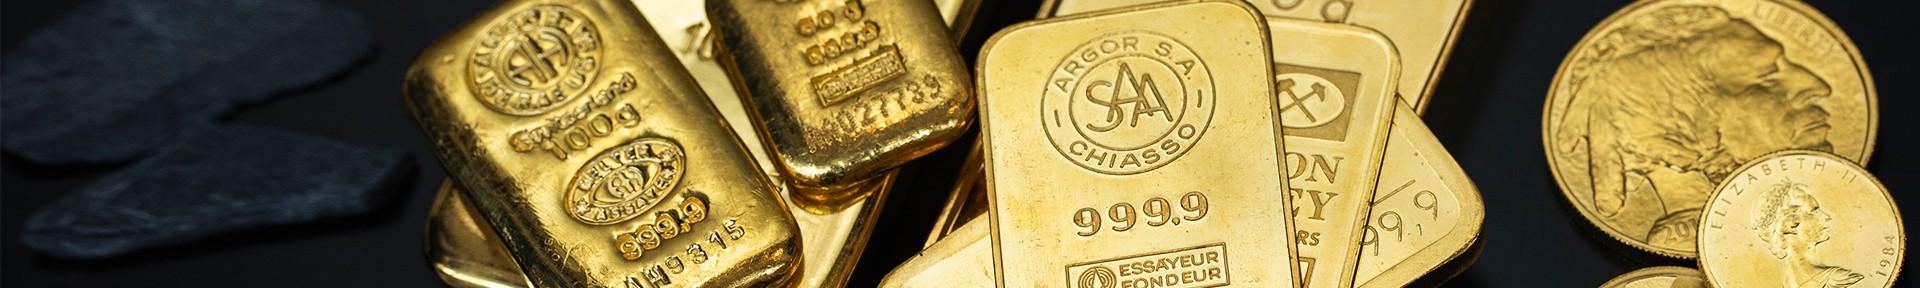 Goldbarren kaufen bei Goldwechselhaus